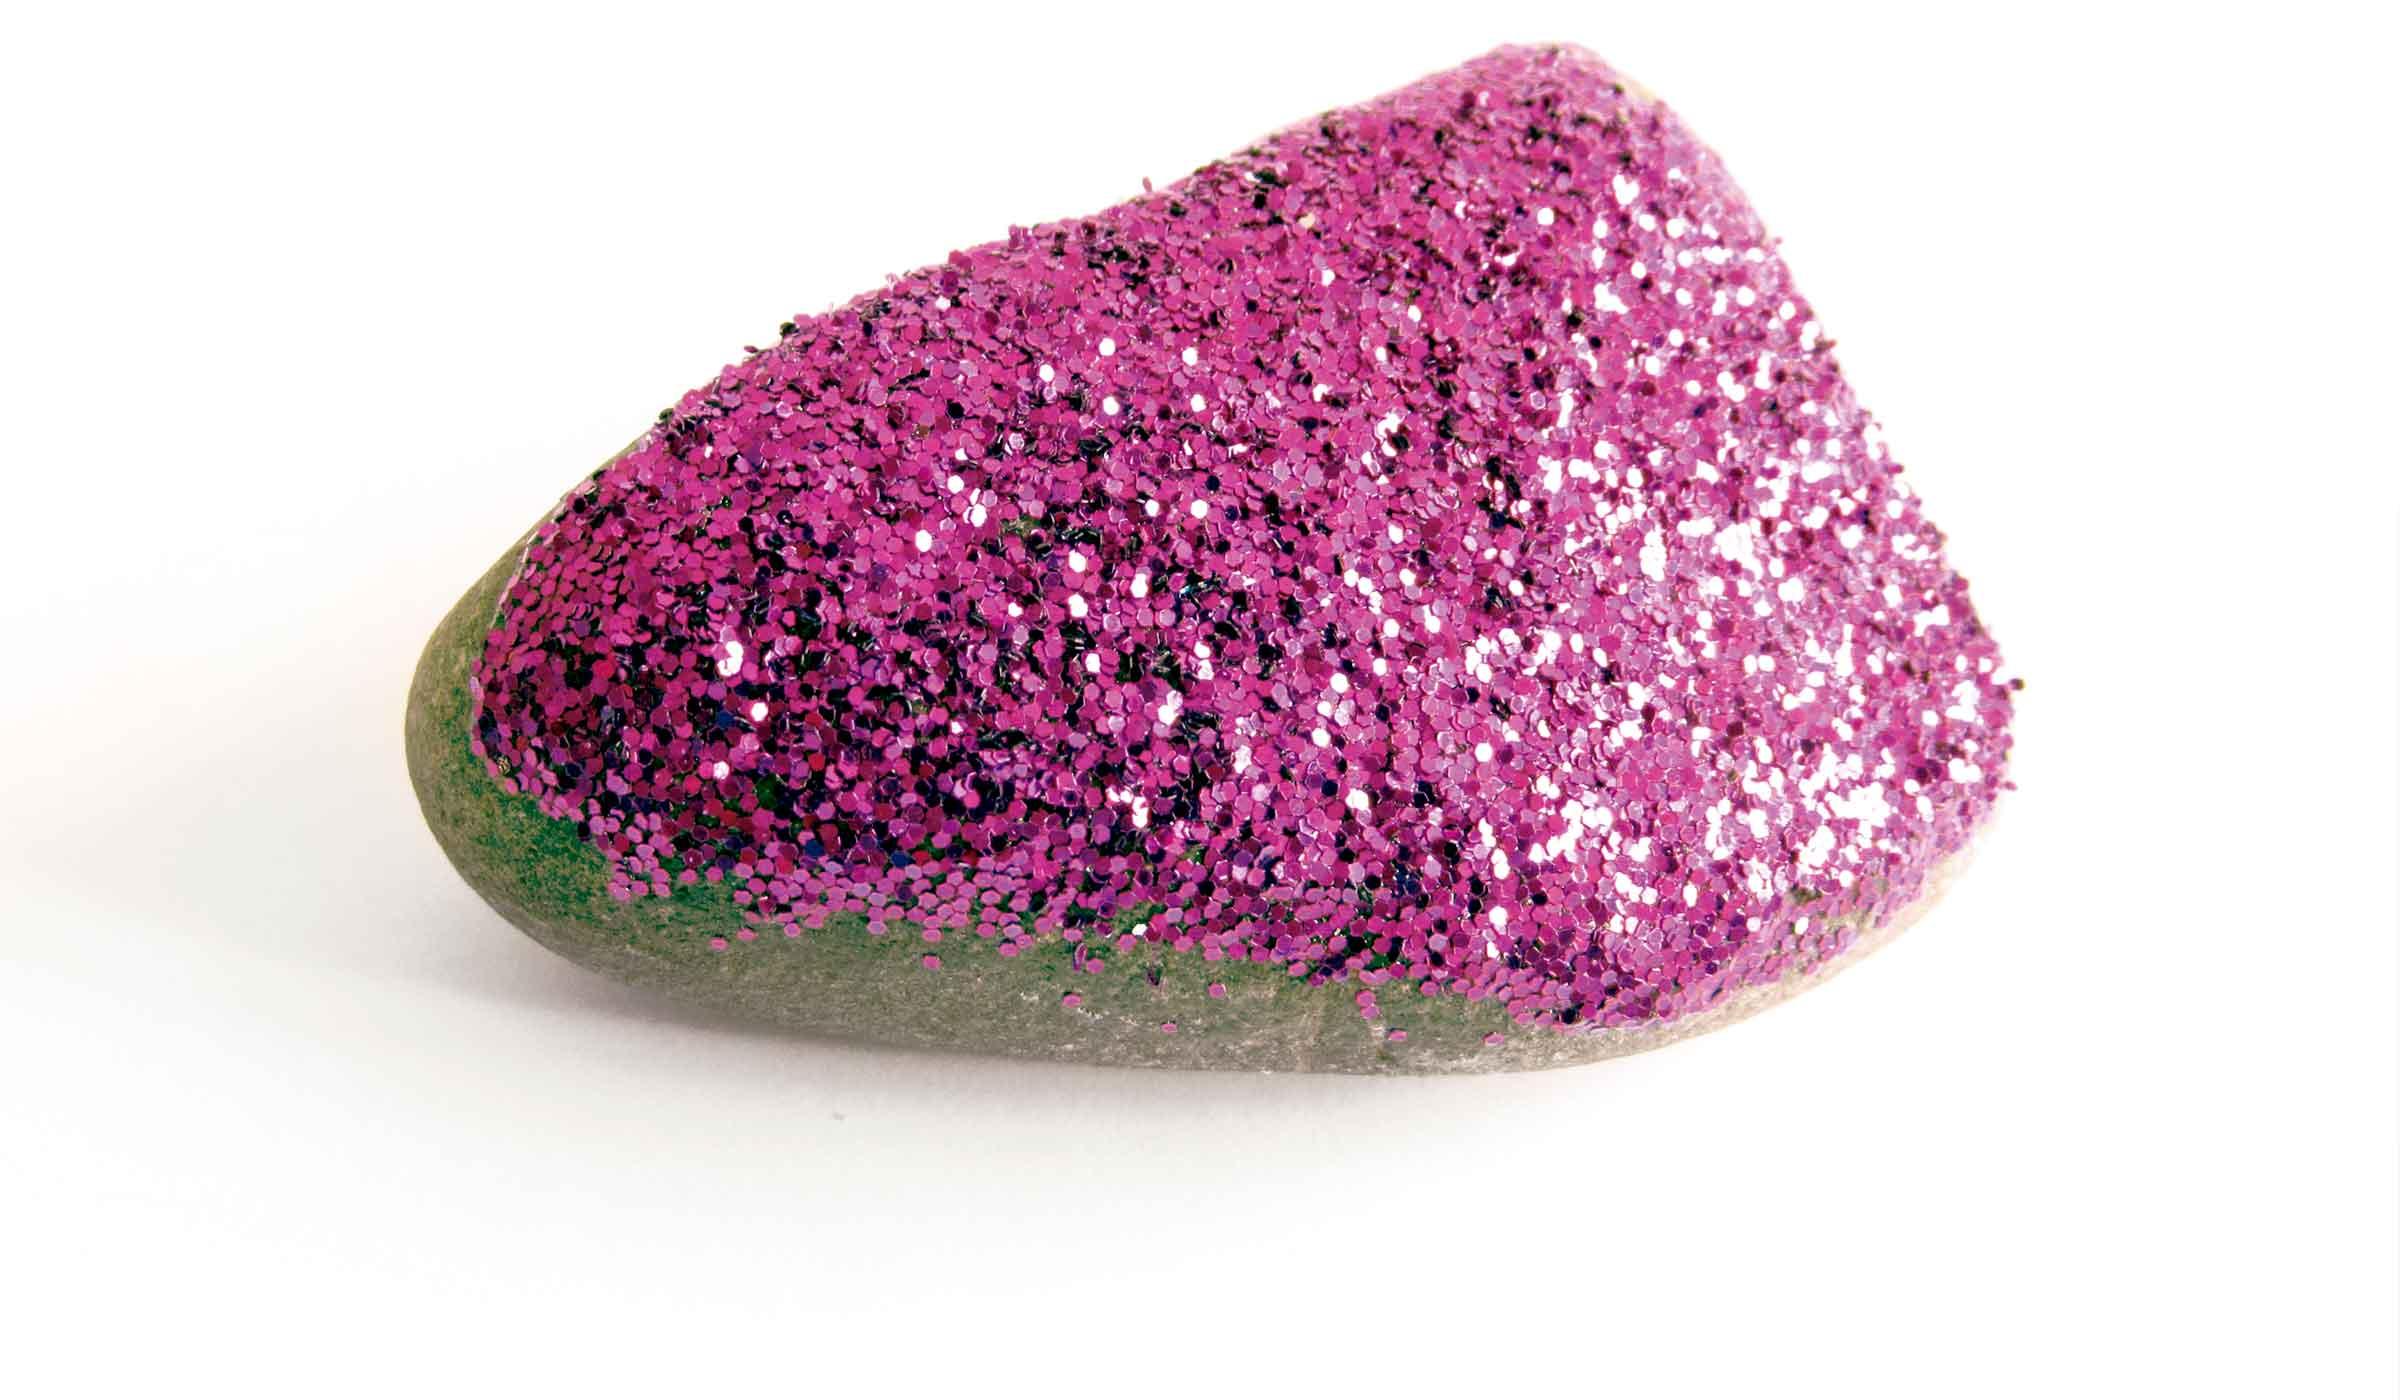 Cabecera de Página. Piedra con givré color rosado en su superficie, sobre fondo blanco.